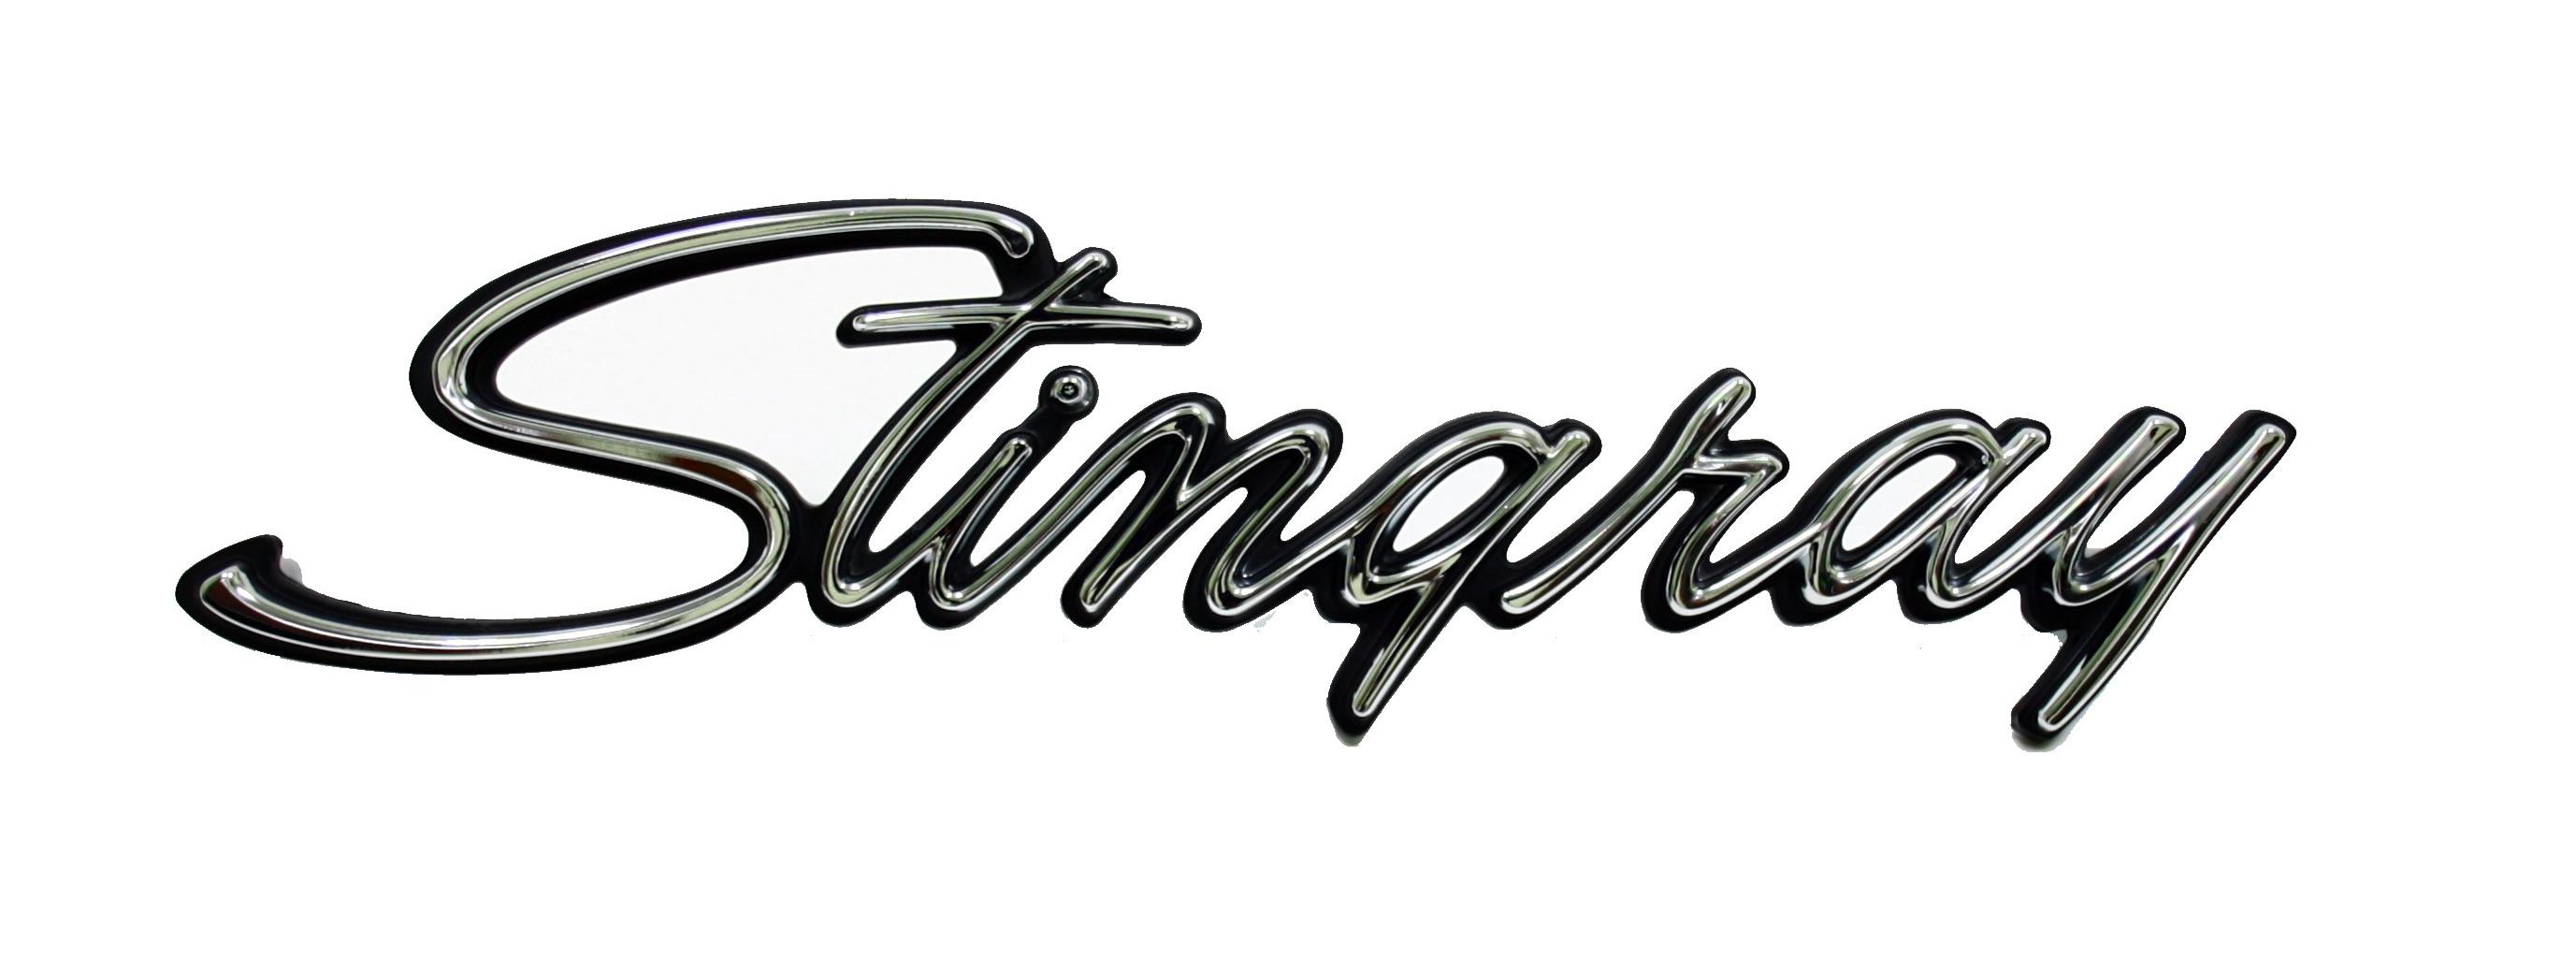 Corvette Side Emblem Stingray